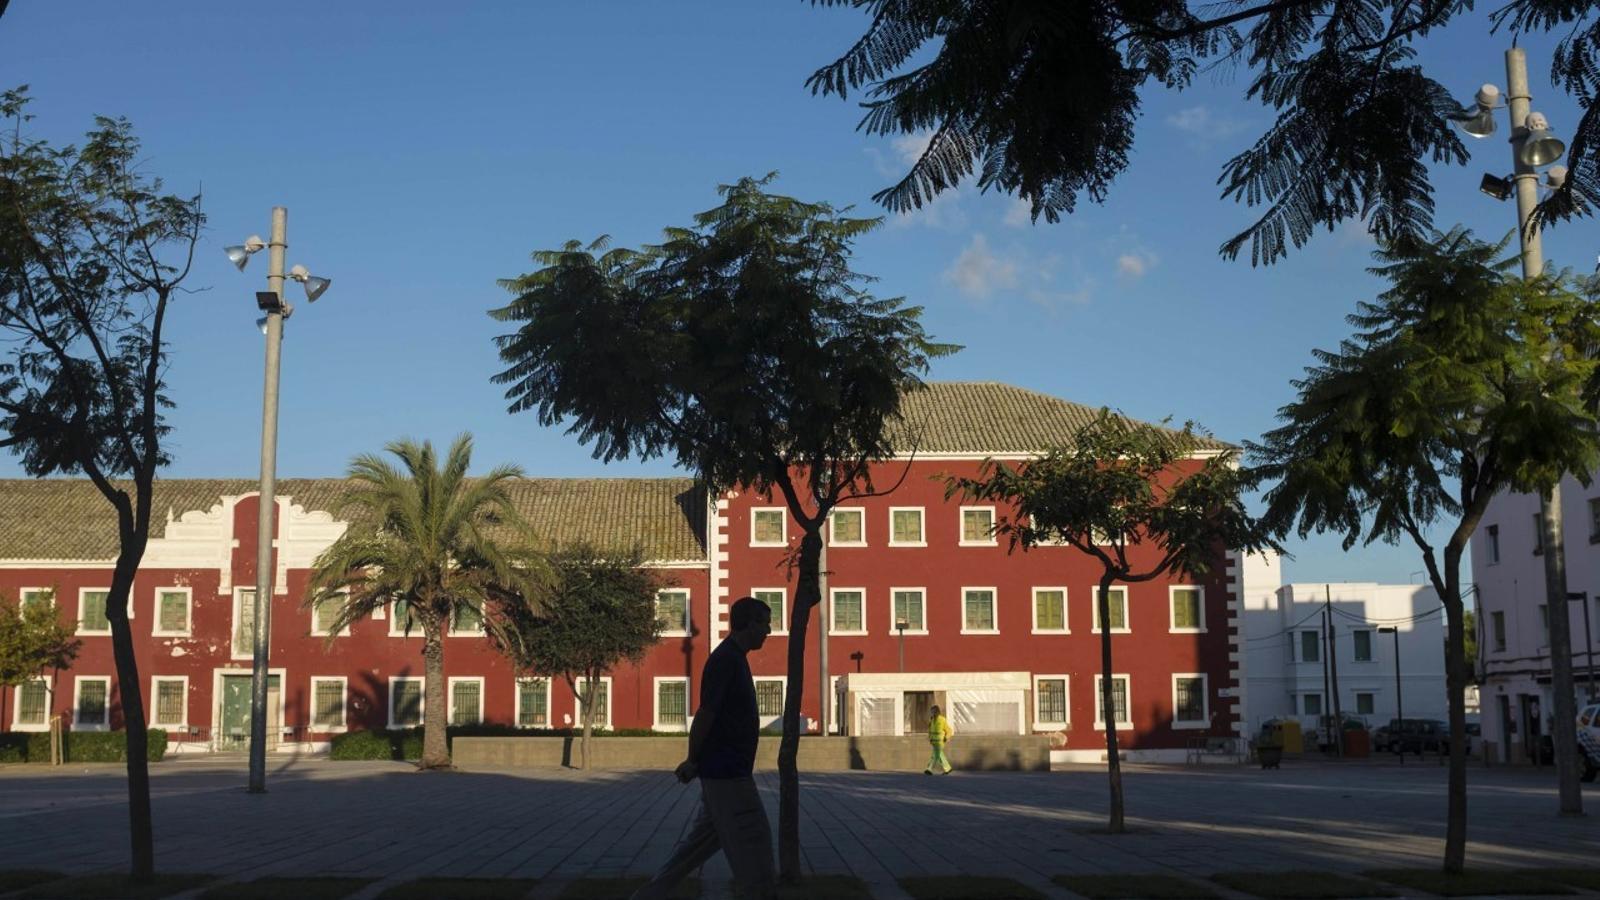 Els ciutadans d'Es Castell podran denunciar a aquells veïns que causin amb els seus actes problemes d'incivisme.